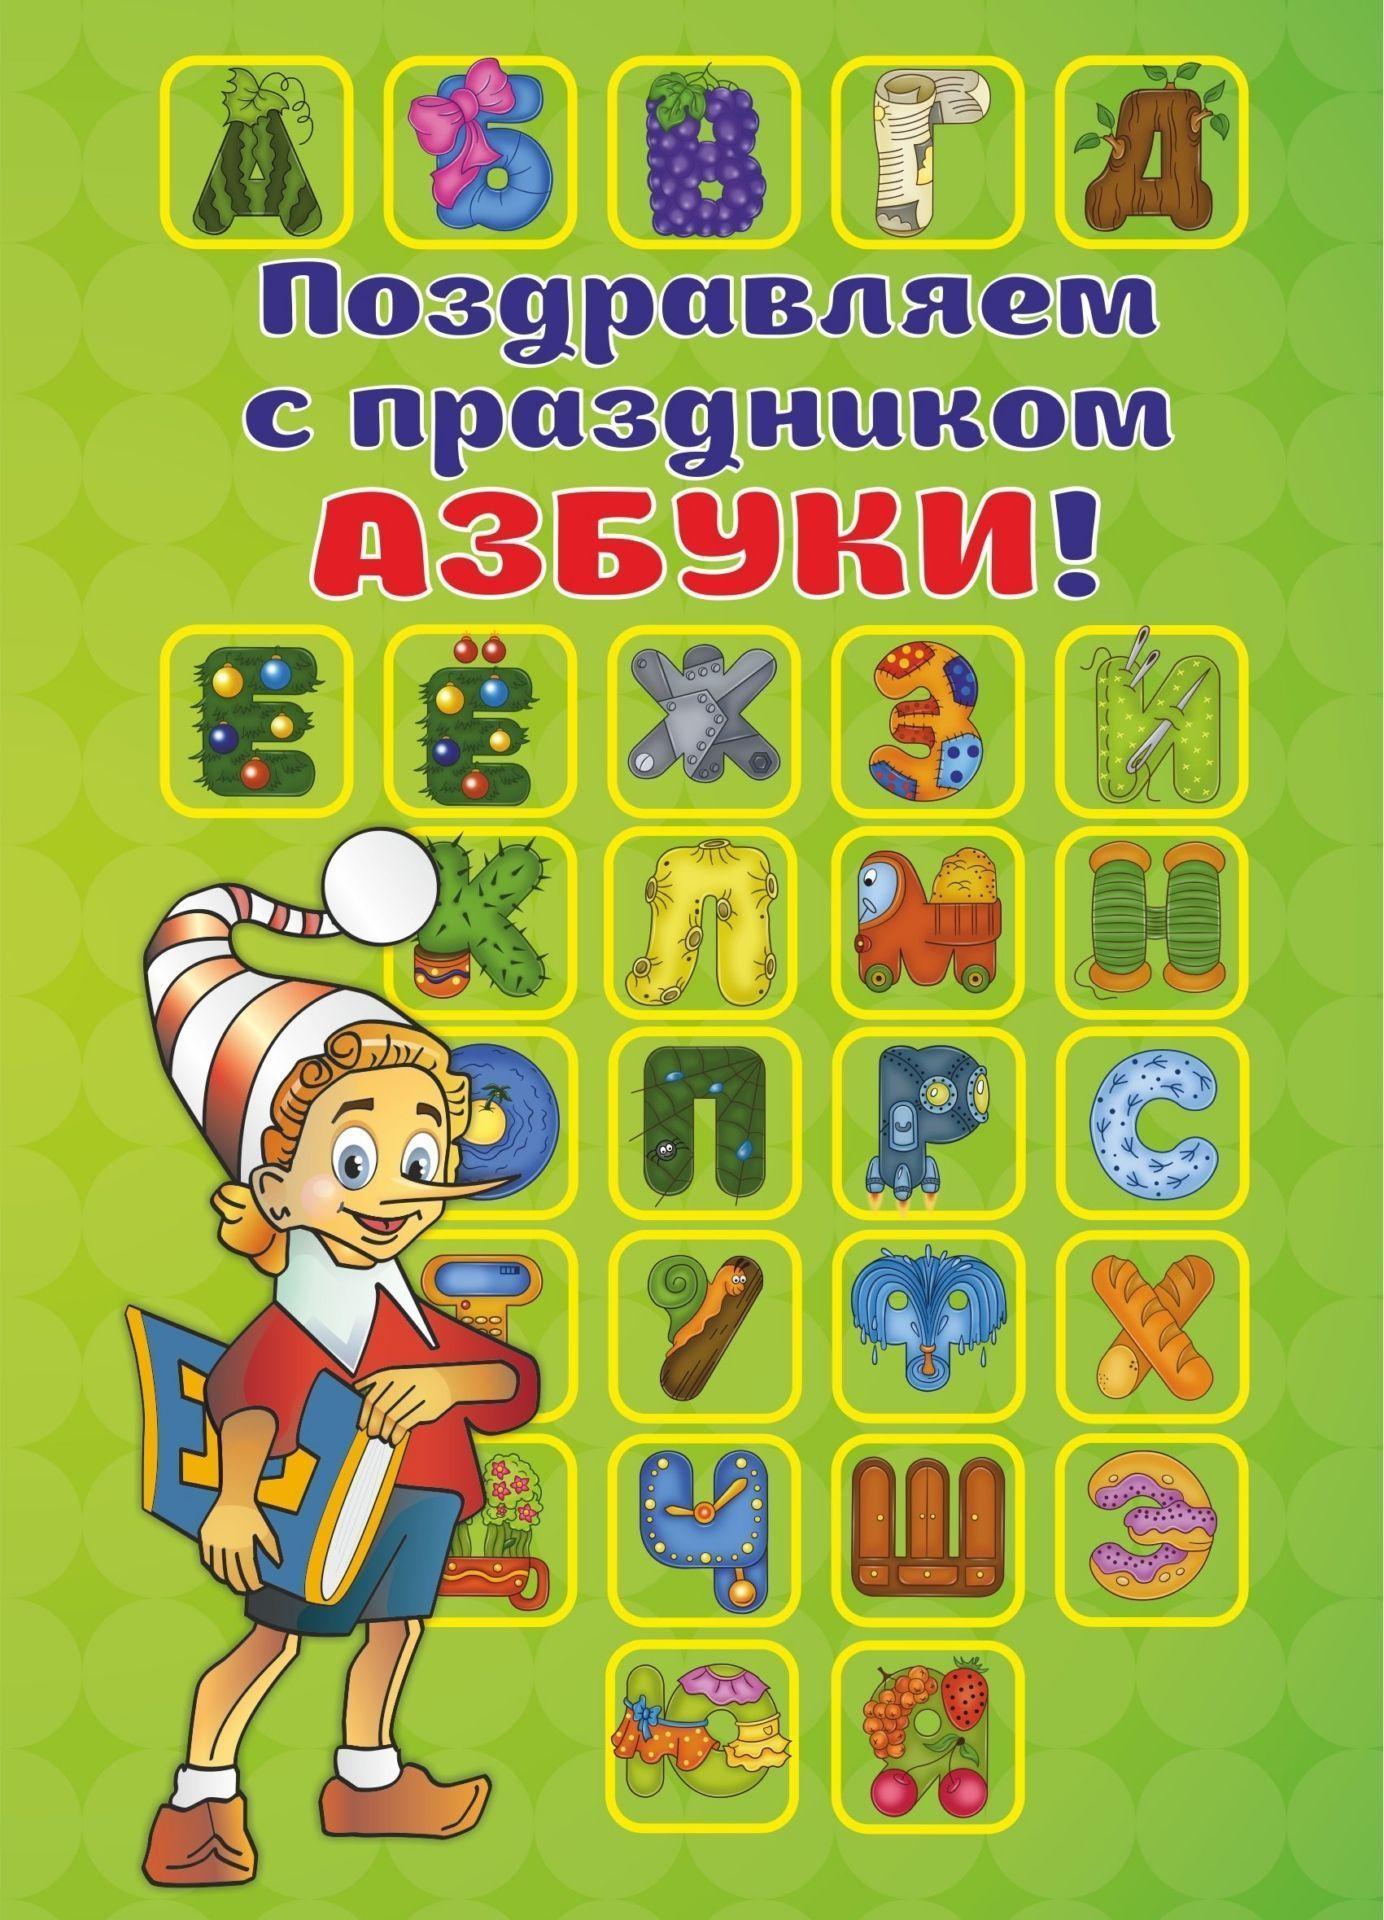 Поздравляем с праздником Азбуки! (открытка)Фирменные открытки<br>.<br><br>Год: 2017<br>Высота: 210<br>Ширина: 148